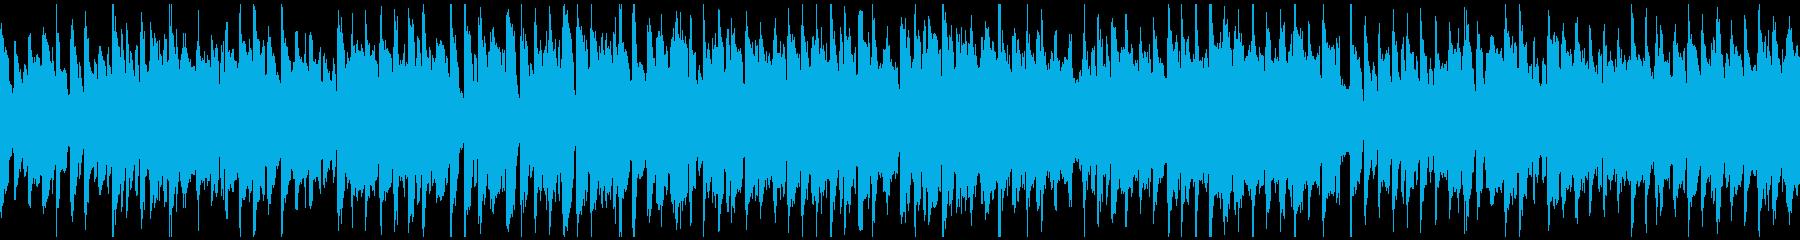 楽しいリコーダー・ポップ ※ループ仕様版の再生済みの波形